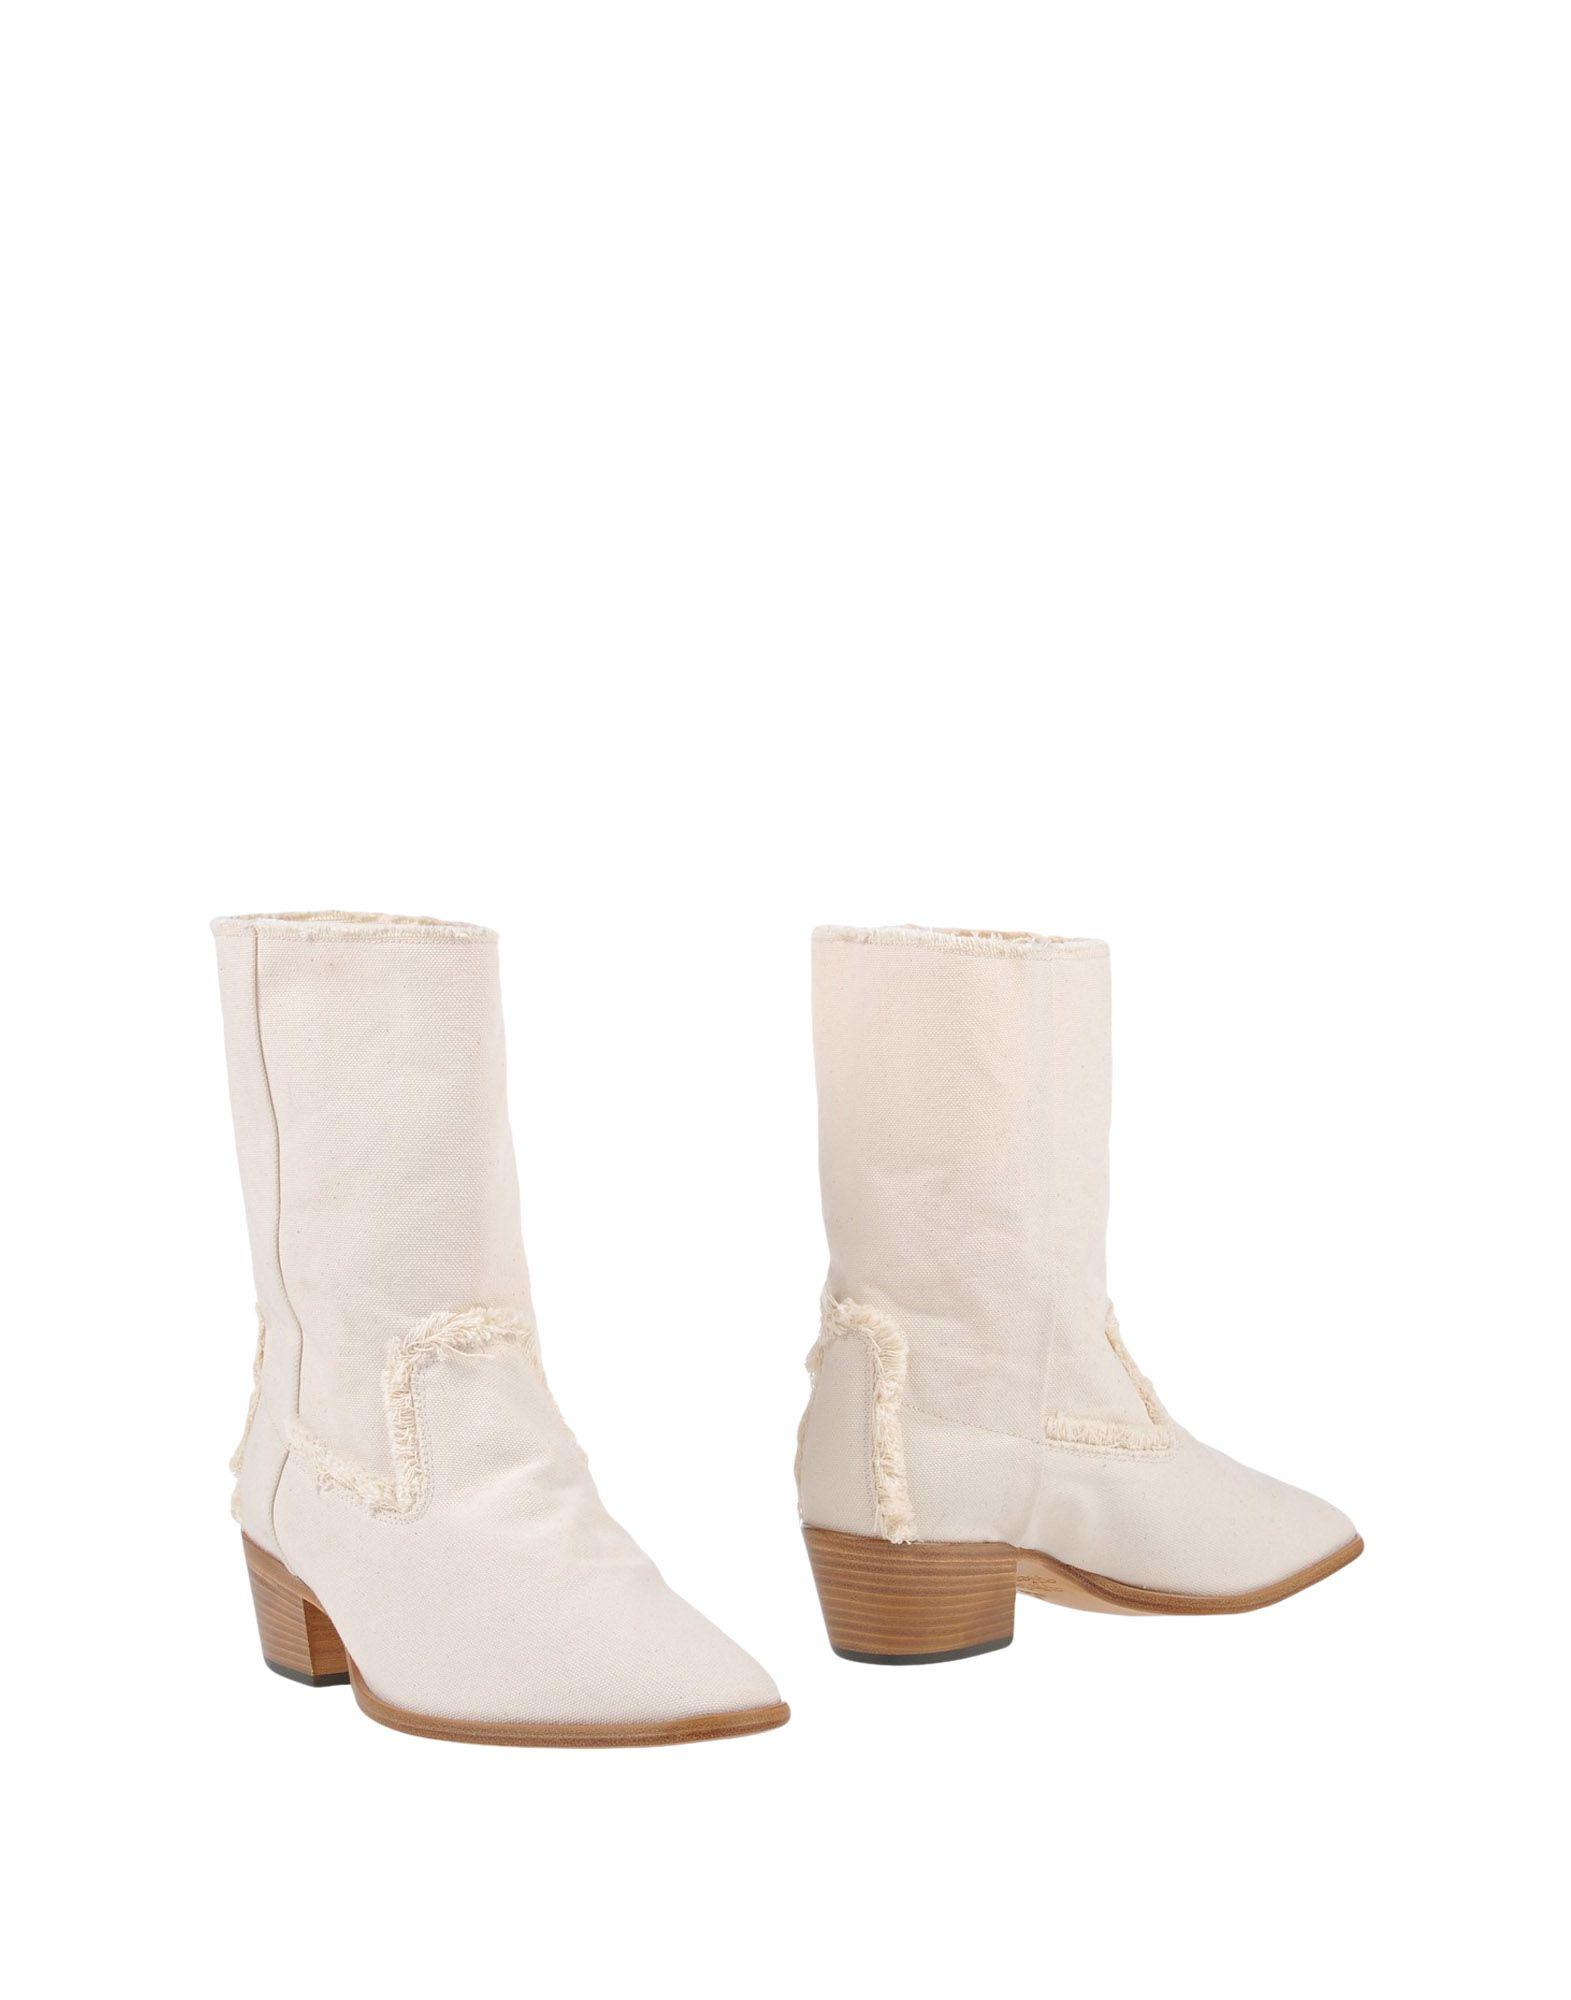 Vivienne Westwood Stiefelette 11407350WB Herren  11407350WB Stiefelette Neue Schuhe 00959f